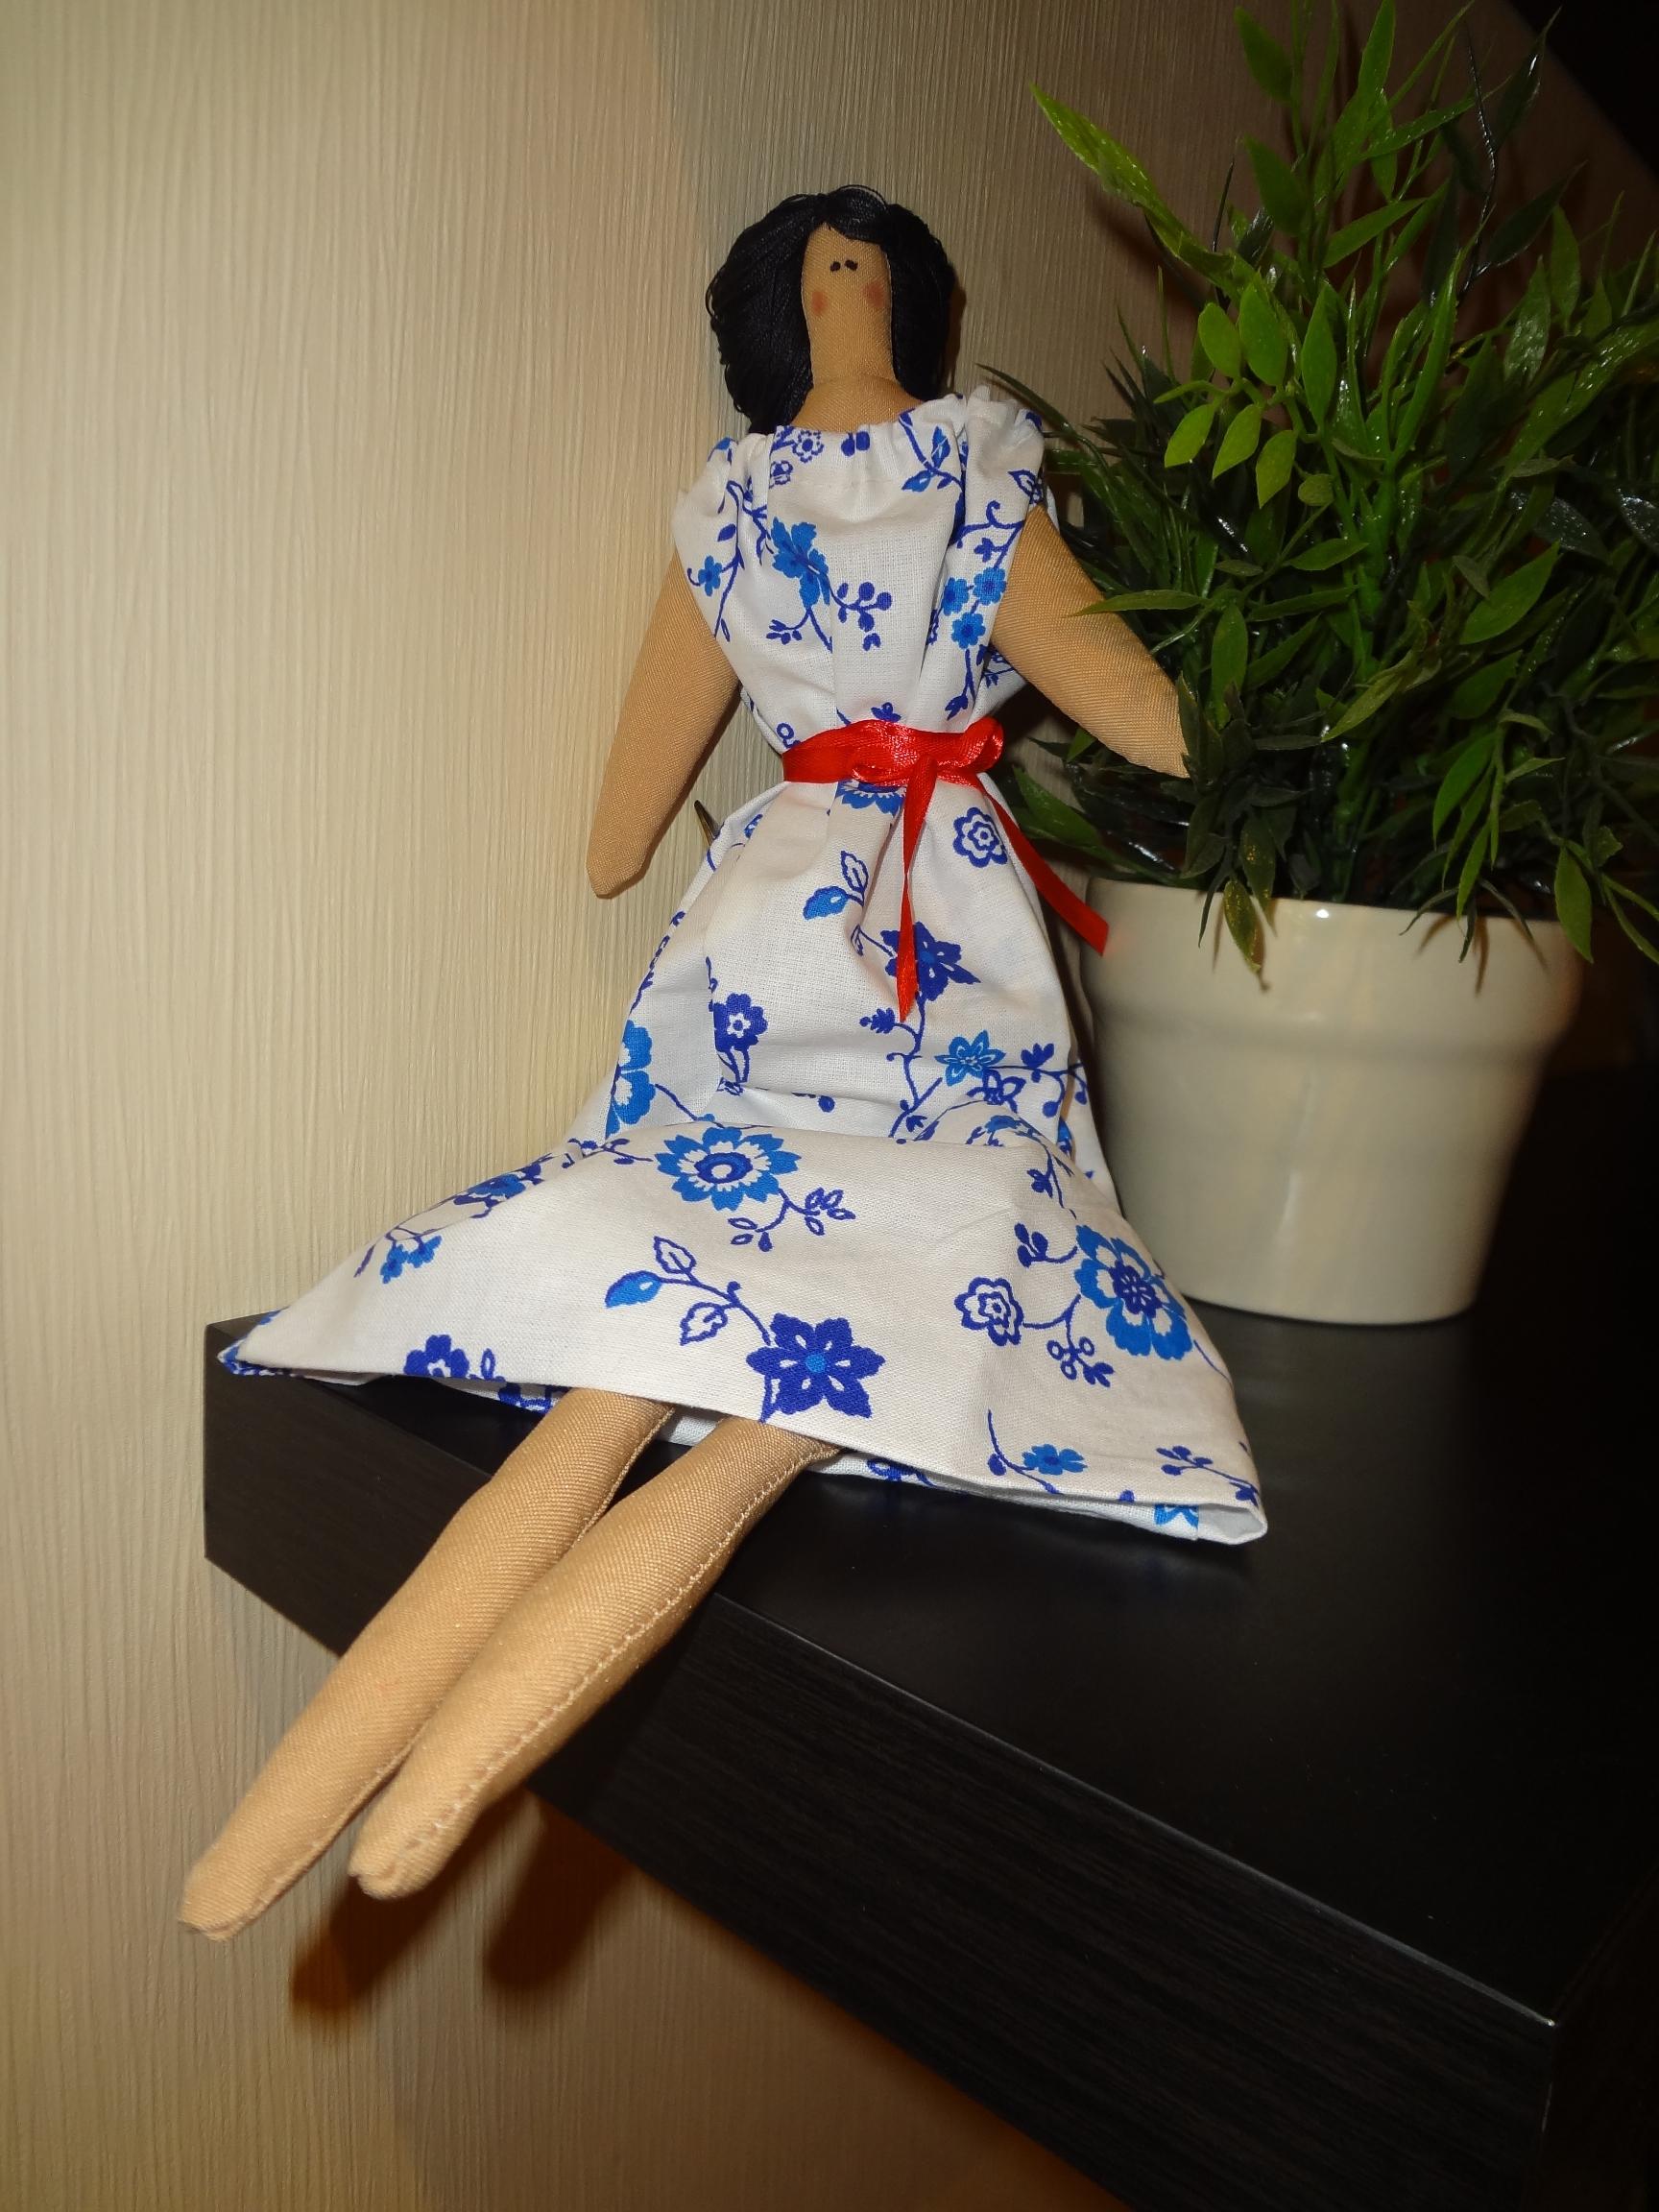 Кукла Тильда-копия. 45 см. Ноги сгибаются, сидит